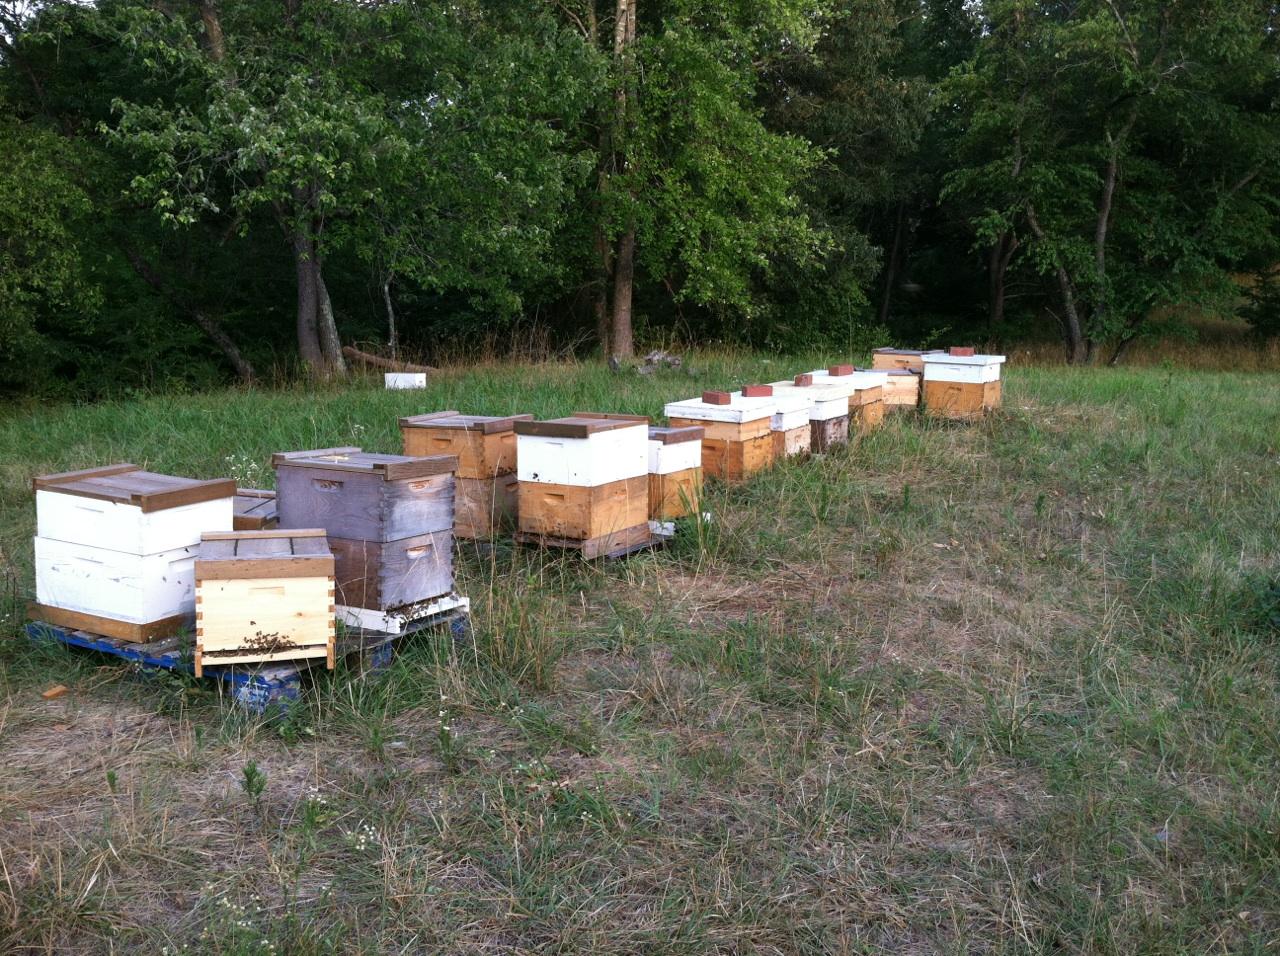 Honey Bee Hives For Sale Honey Bee Hives For Sale | Auto ... - photo#16